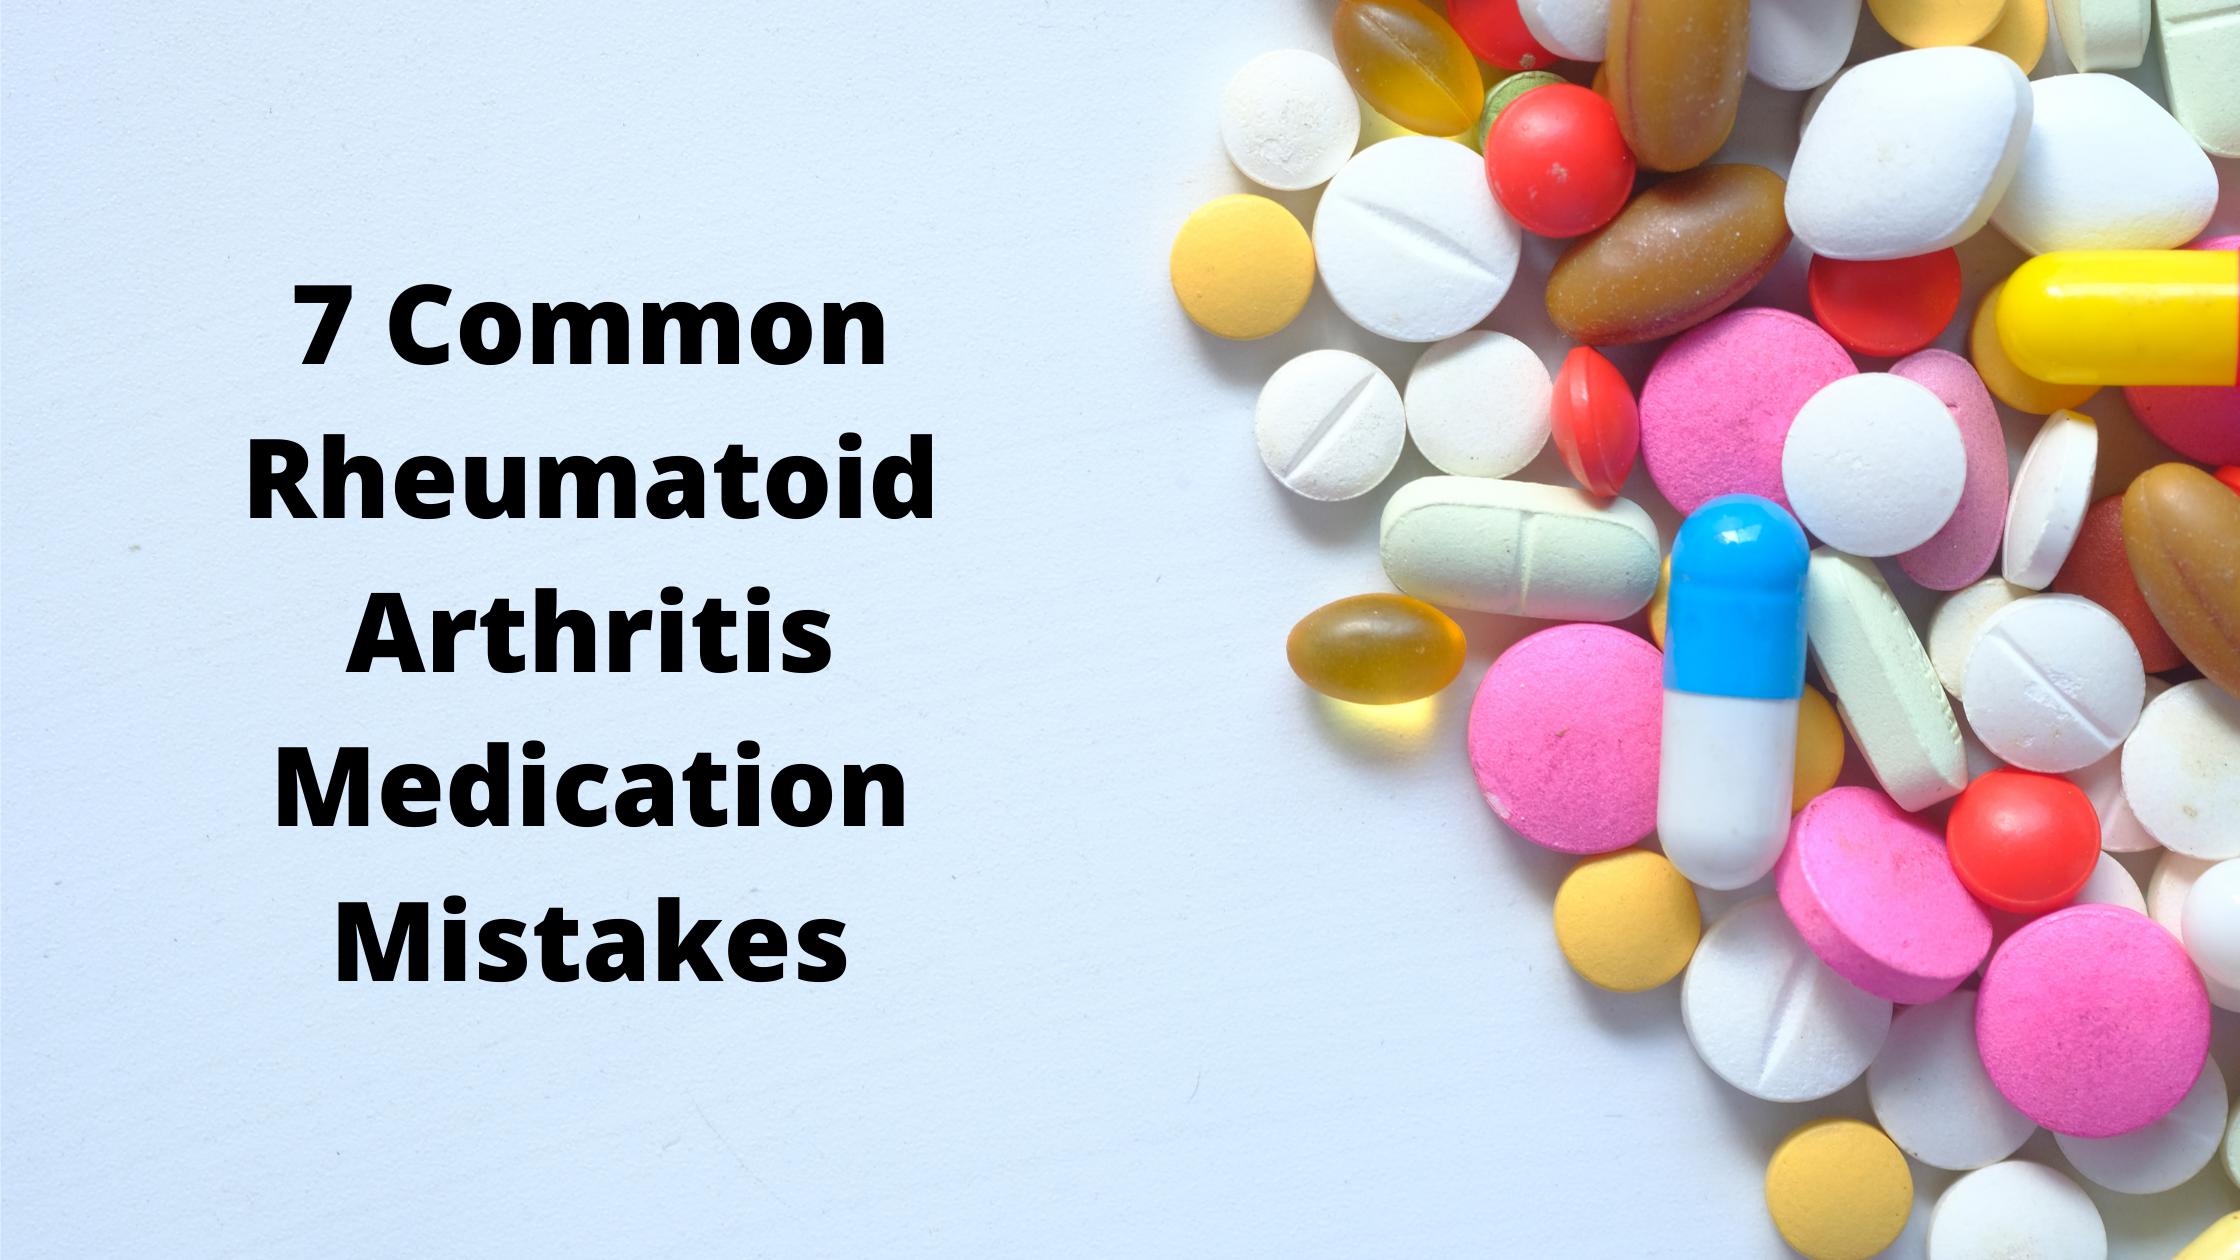 7 Common Rheumatoid Arthritis Medication Mistakes